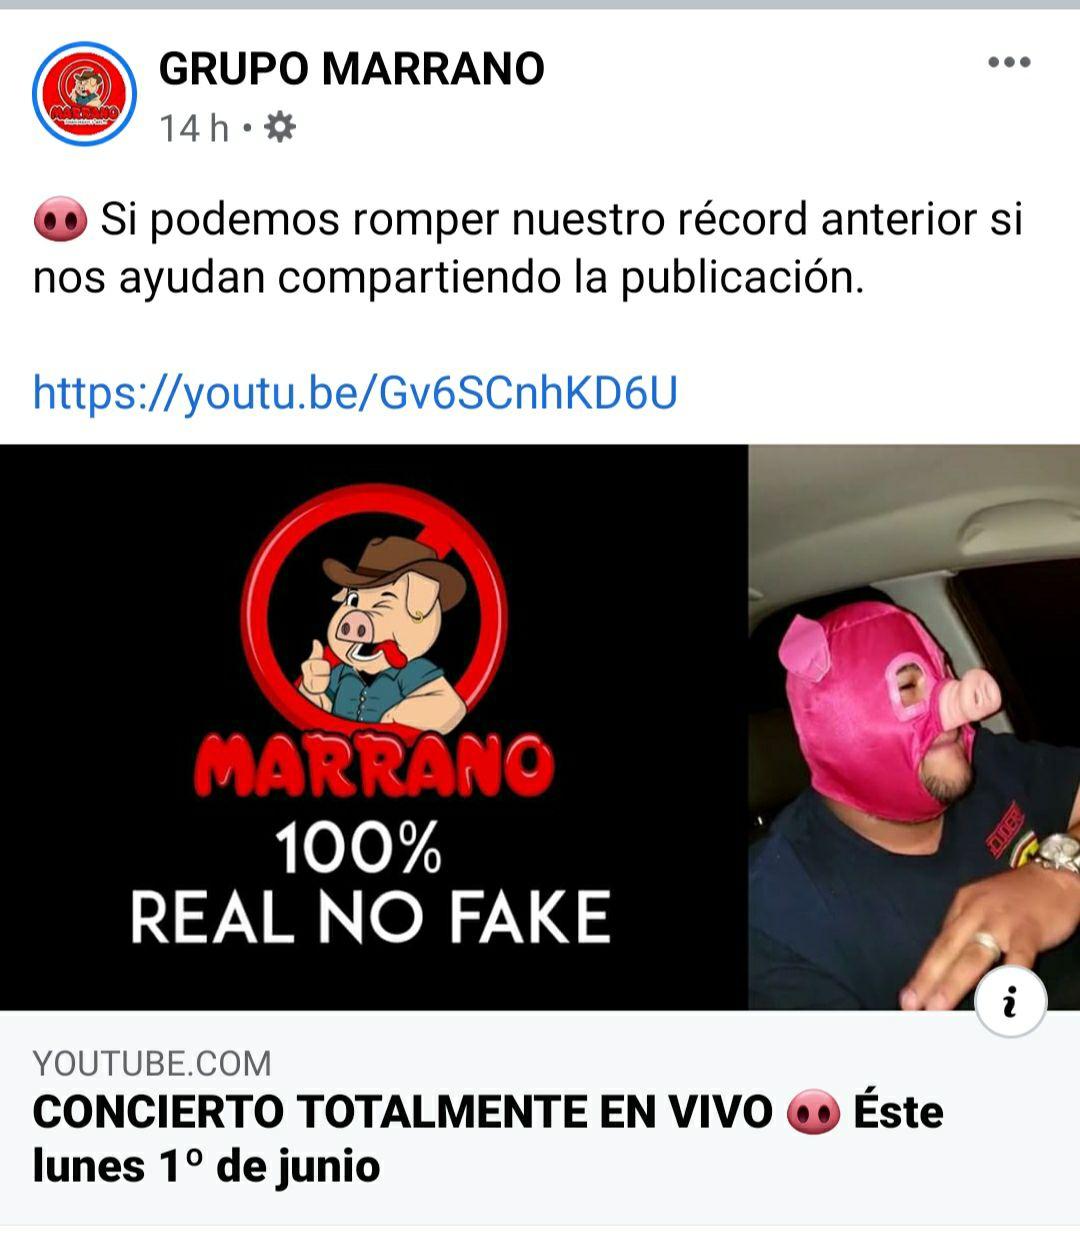 Concierto del grupo Marrano, por YouTube y Facebook